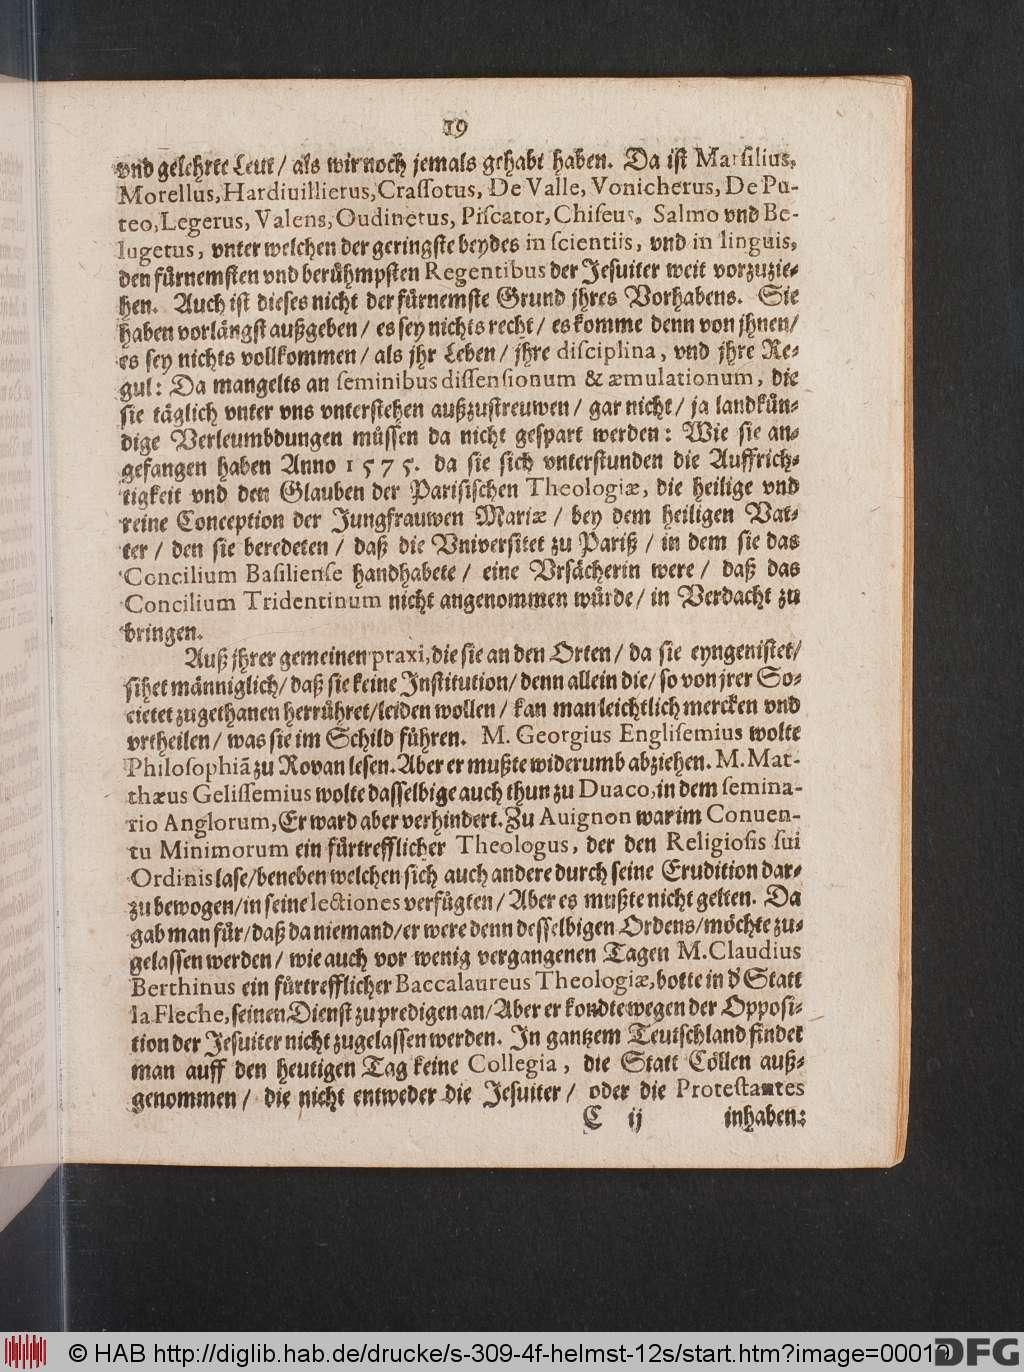 http://diglib.hab.de/drucke/s-309-4f-helmst-12s/00019.jpg